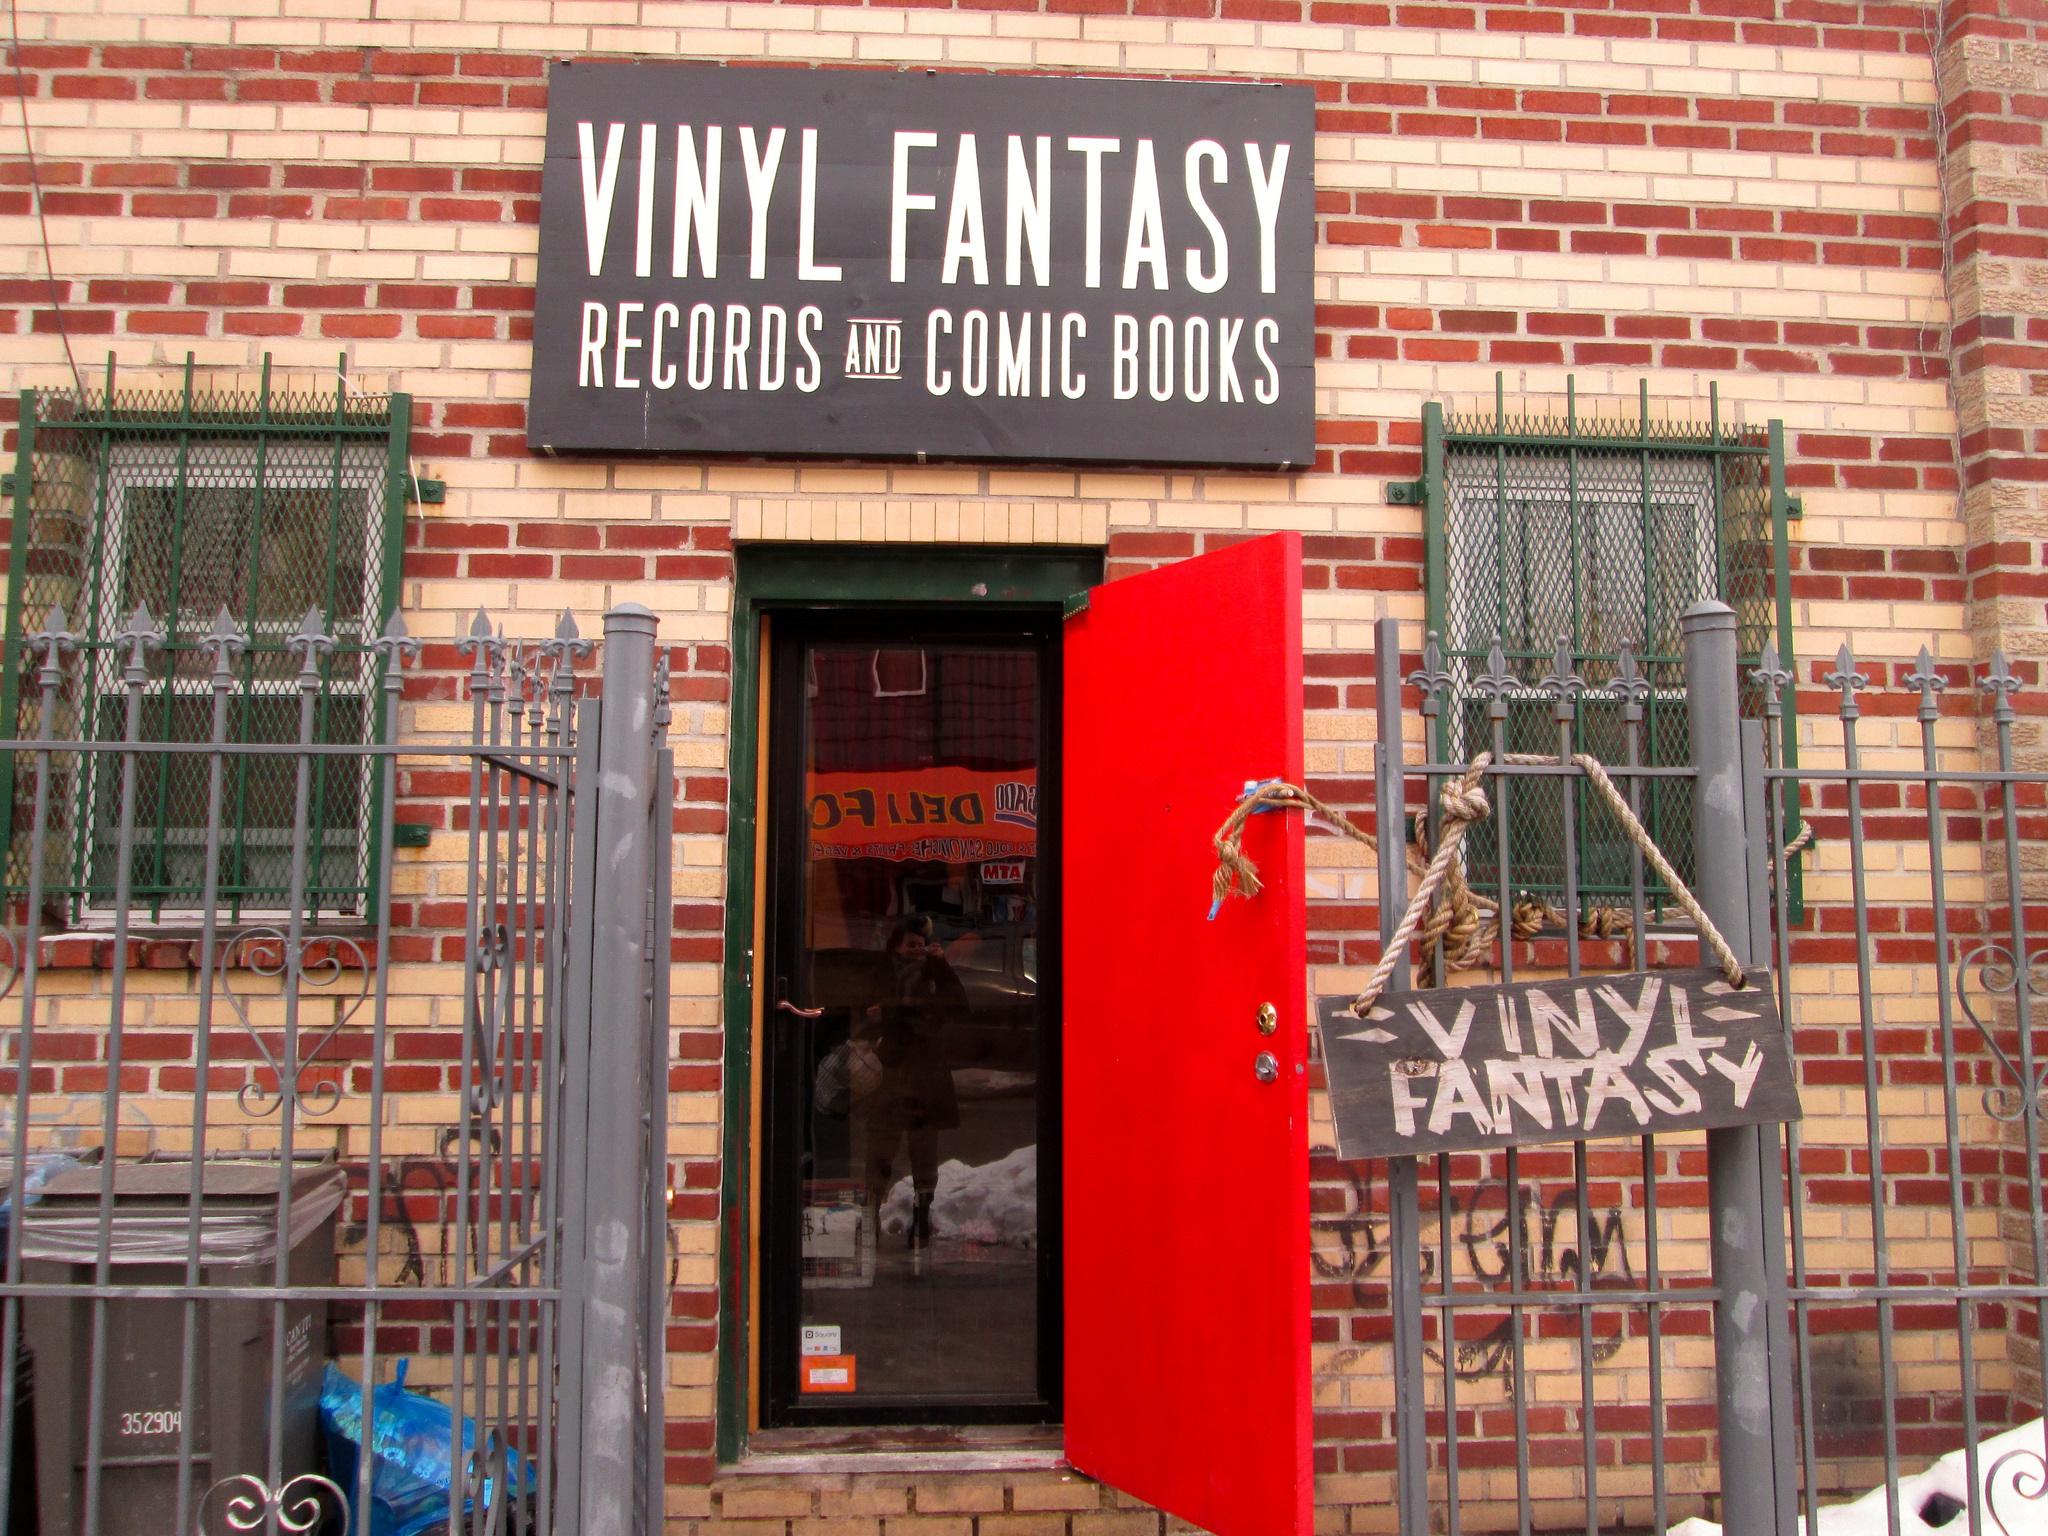 Vinyl Fantasy